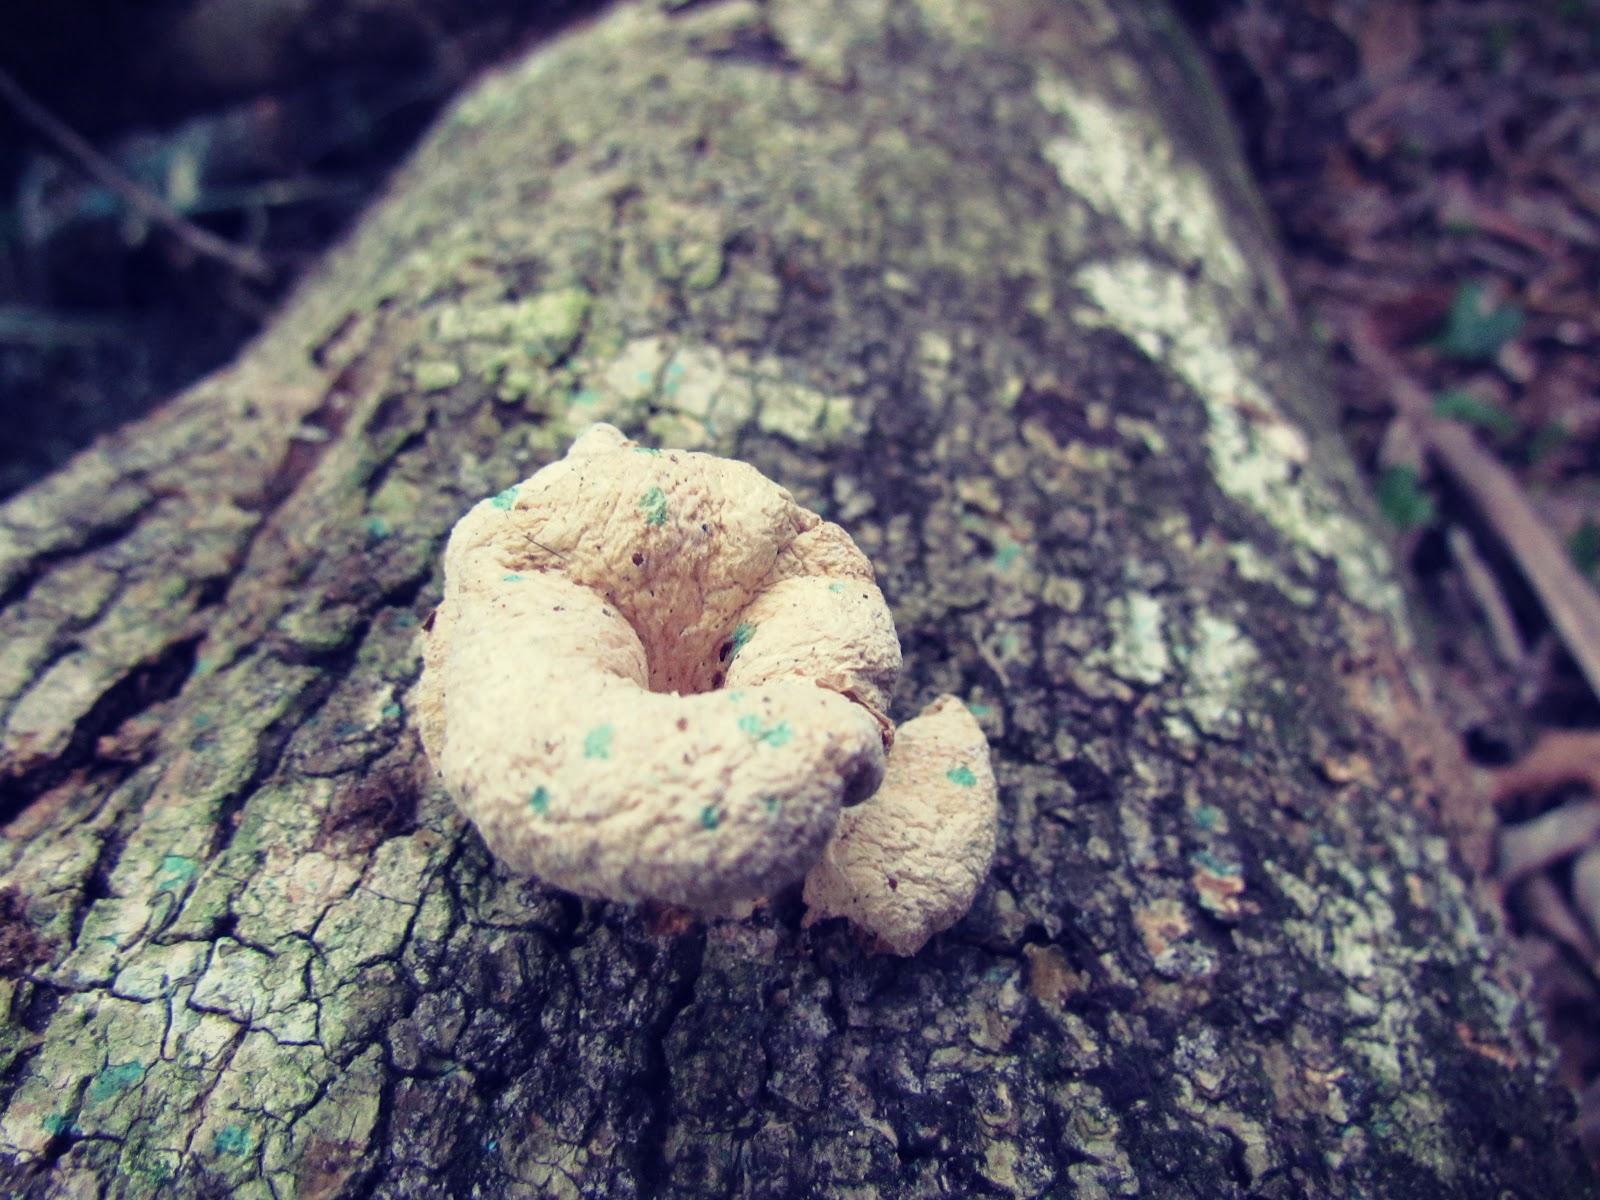 Tree Log and Mushrooms